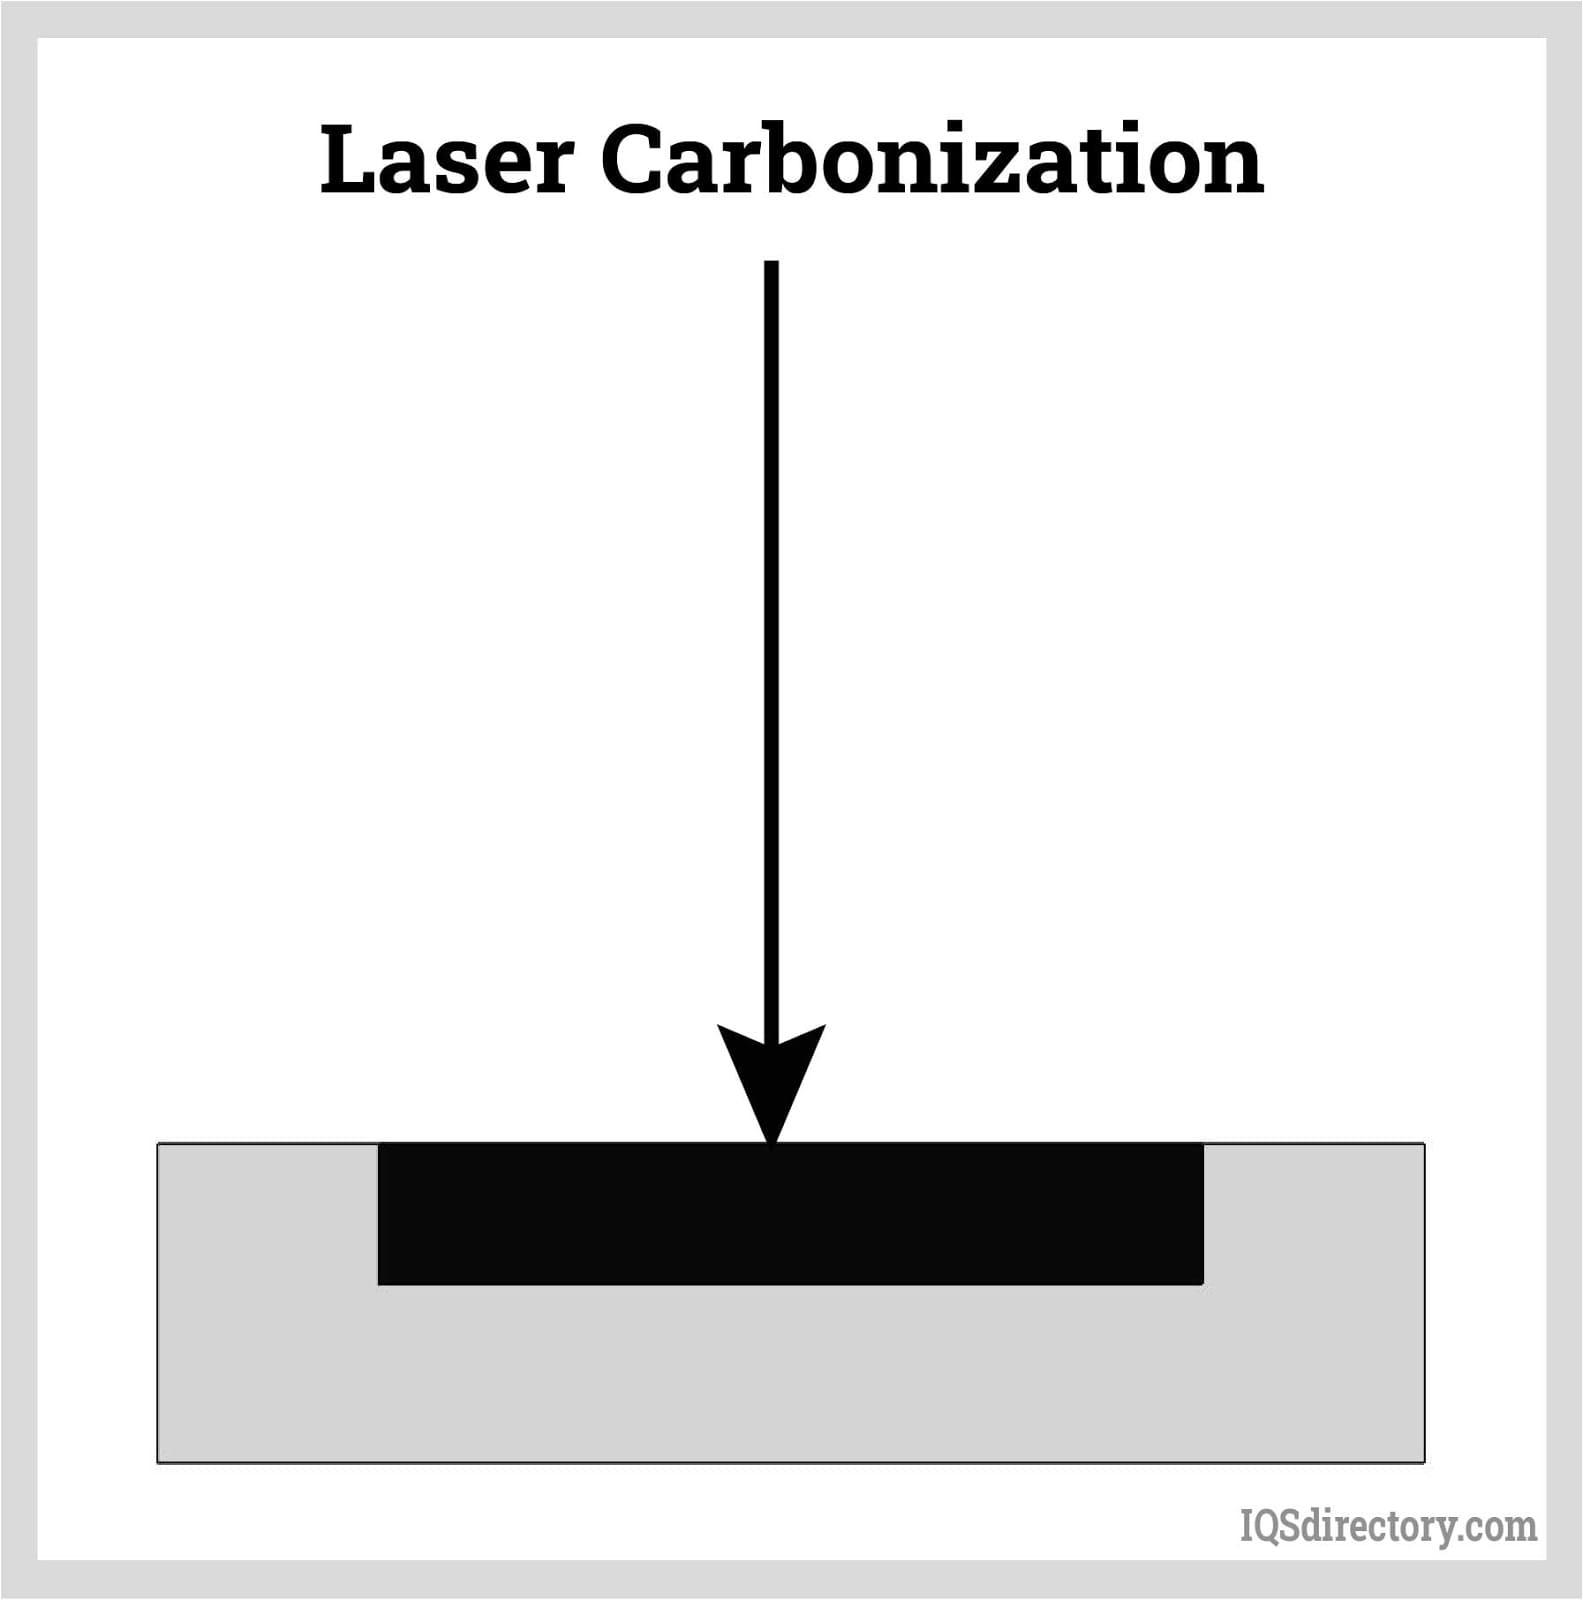 Laser Carbonization